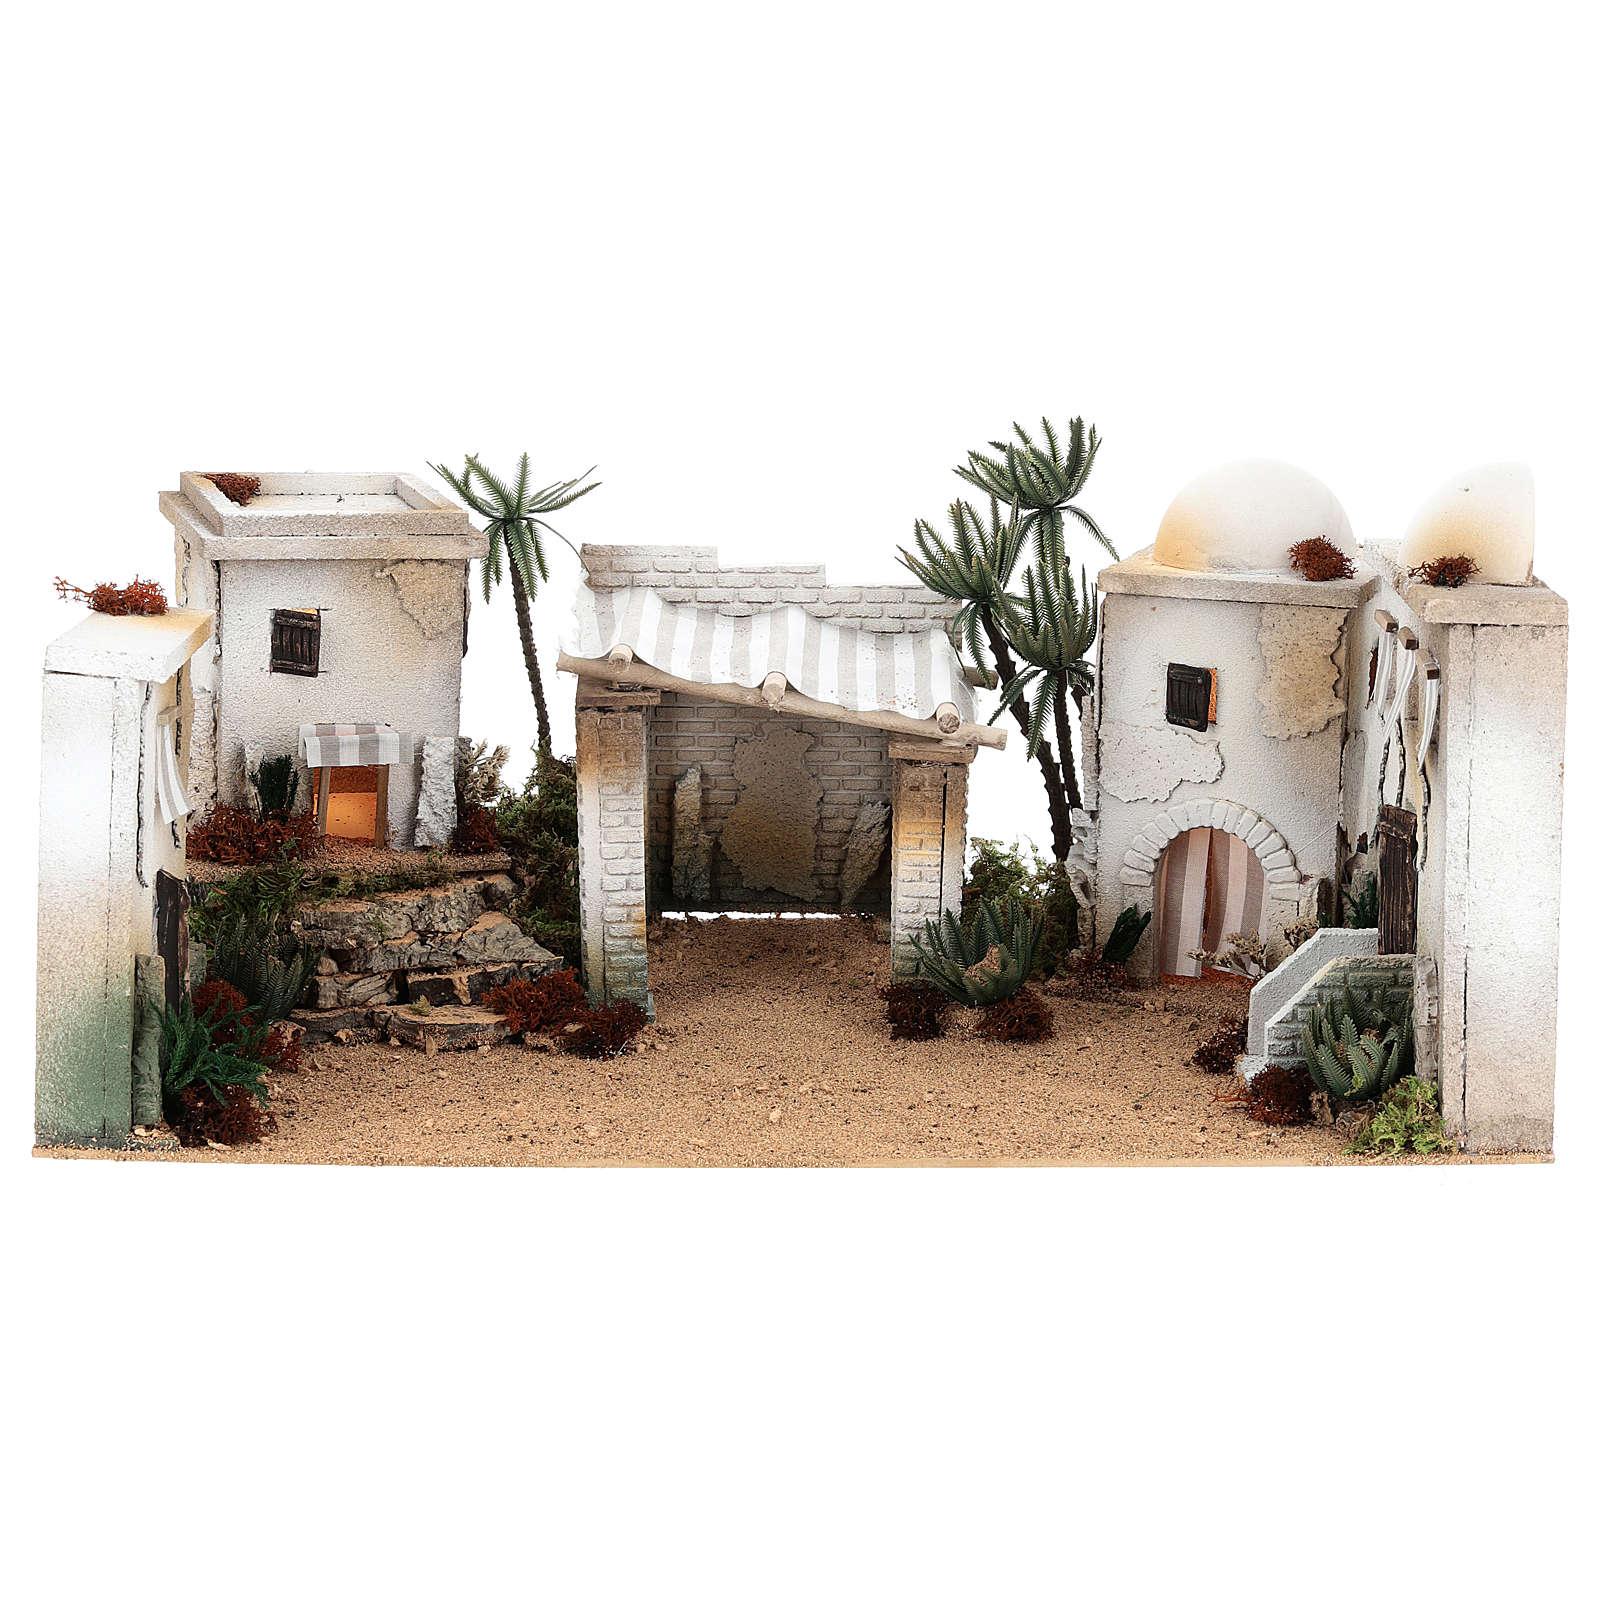 Composizione araba in sughero cupola e terrazzo 35x65x35 cm CENTRALE 4